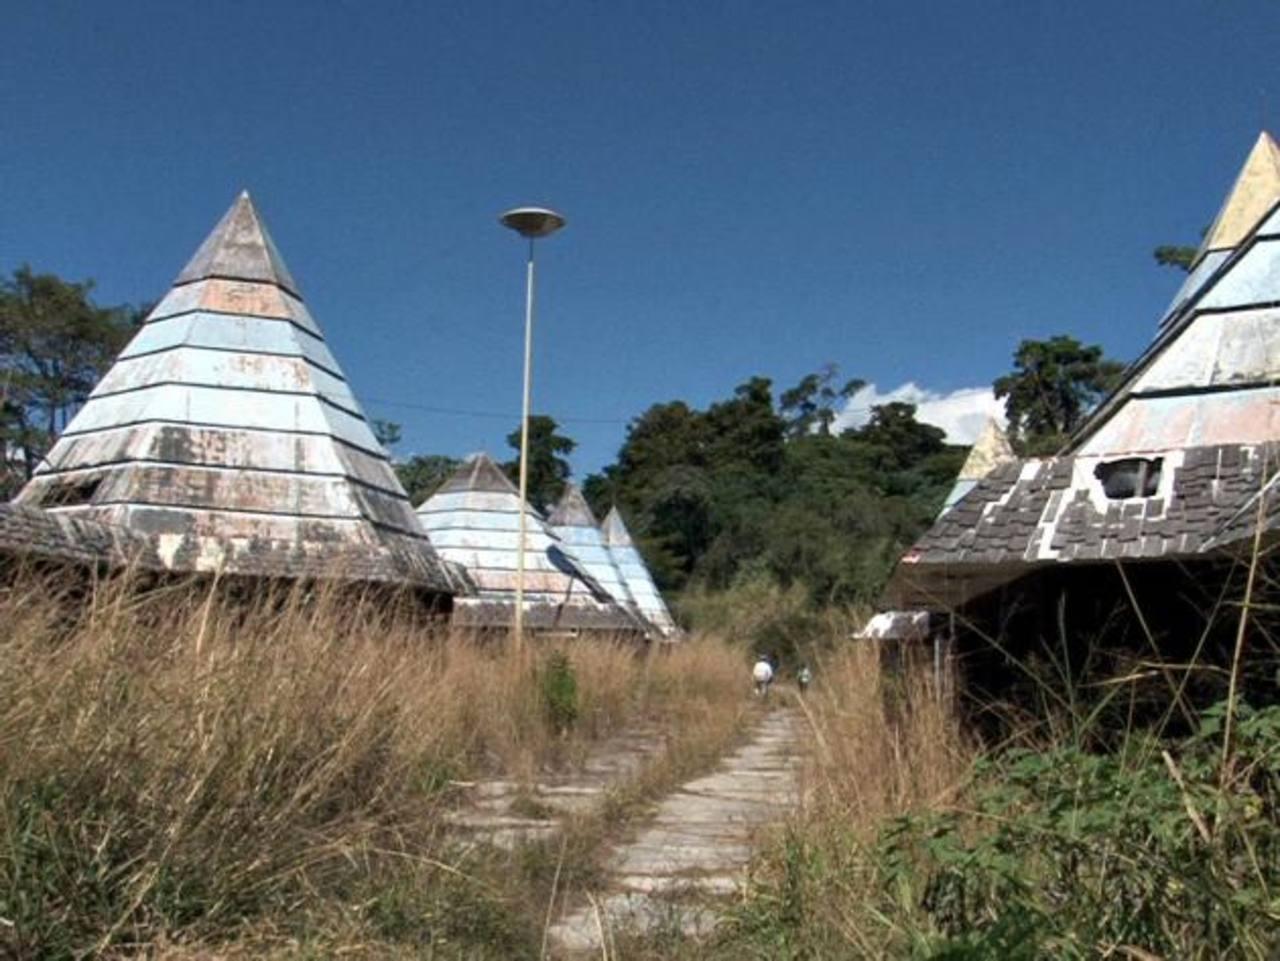 La idea de construir bartolinas en el sector del exteleférico no agrada a los lugareños por el peligro que representa. Foto EDH